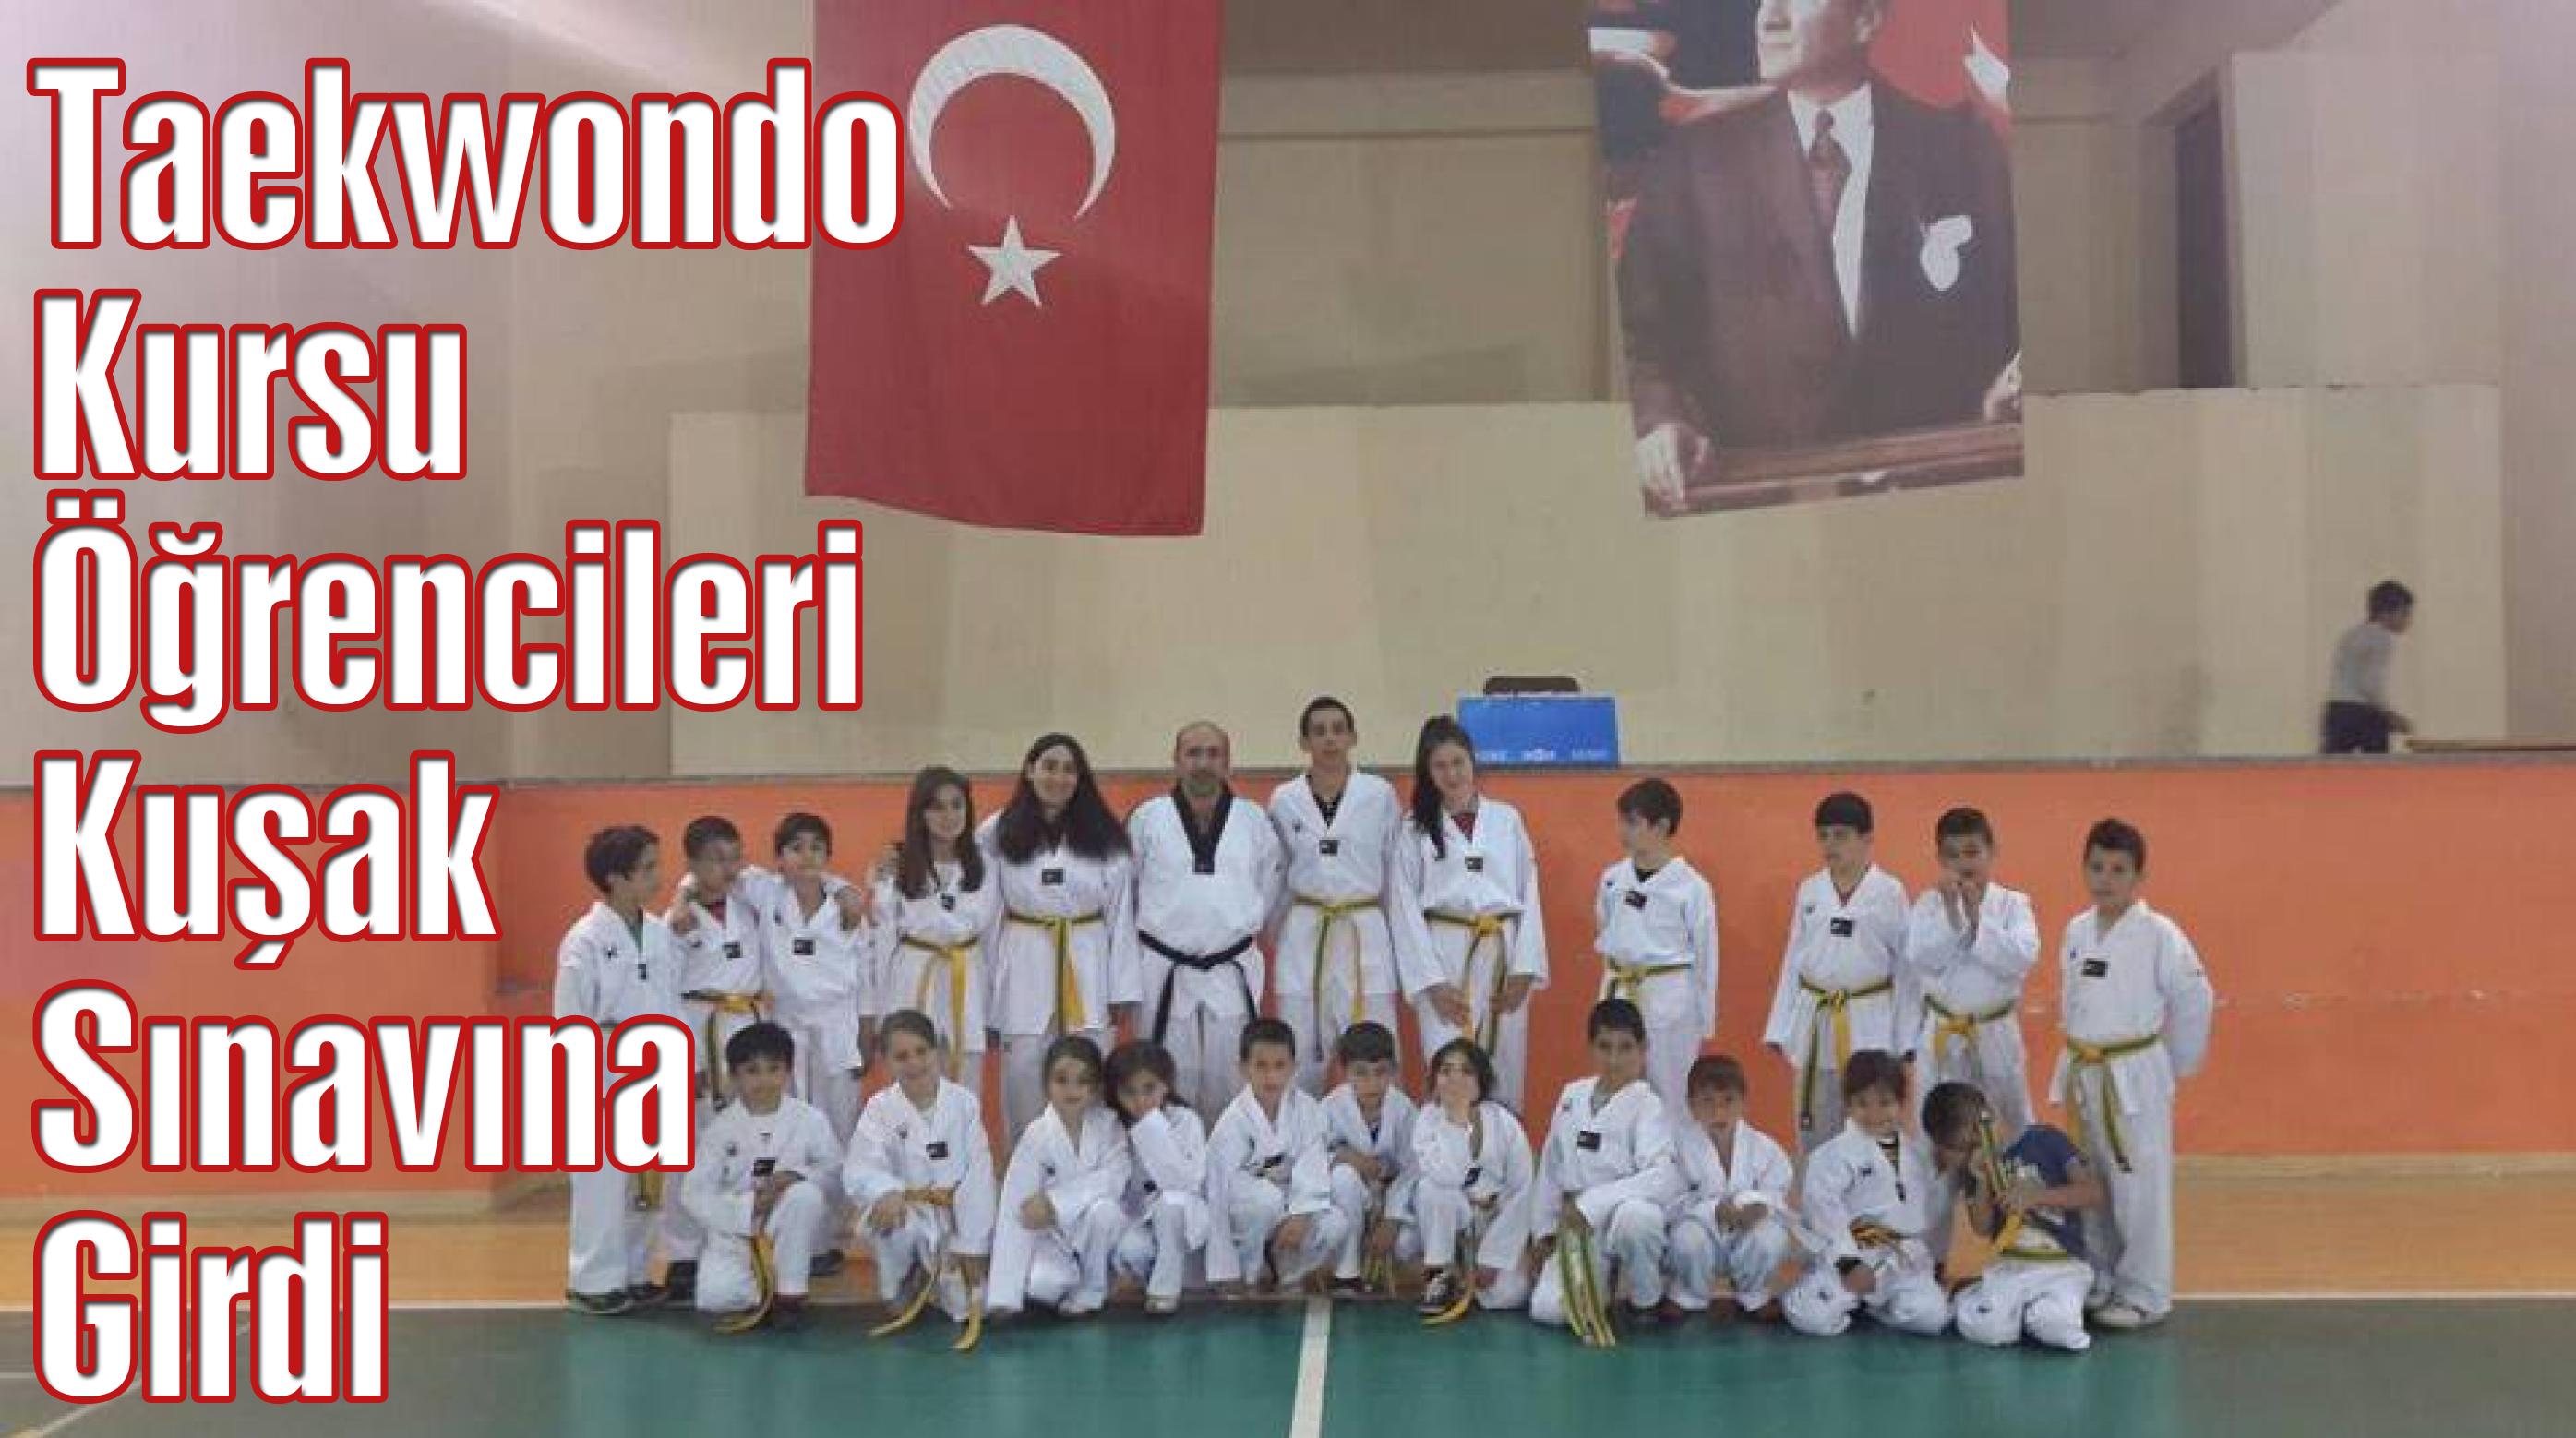 İlçemizde Taekwondo Kursu Öğrencileri Kuşak Sınavına Girdi